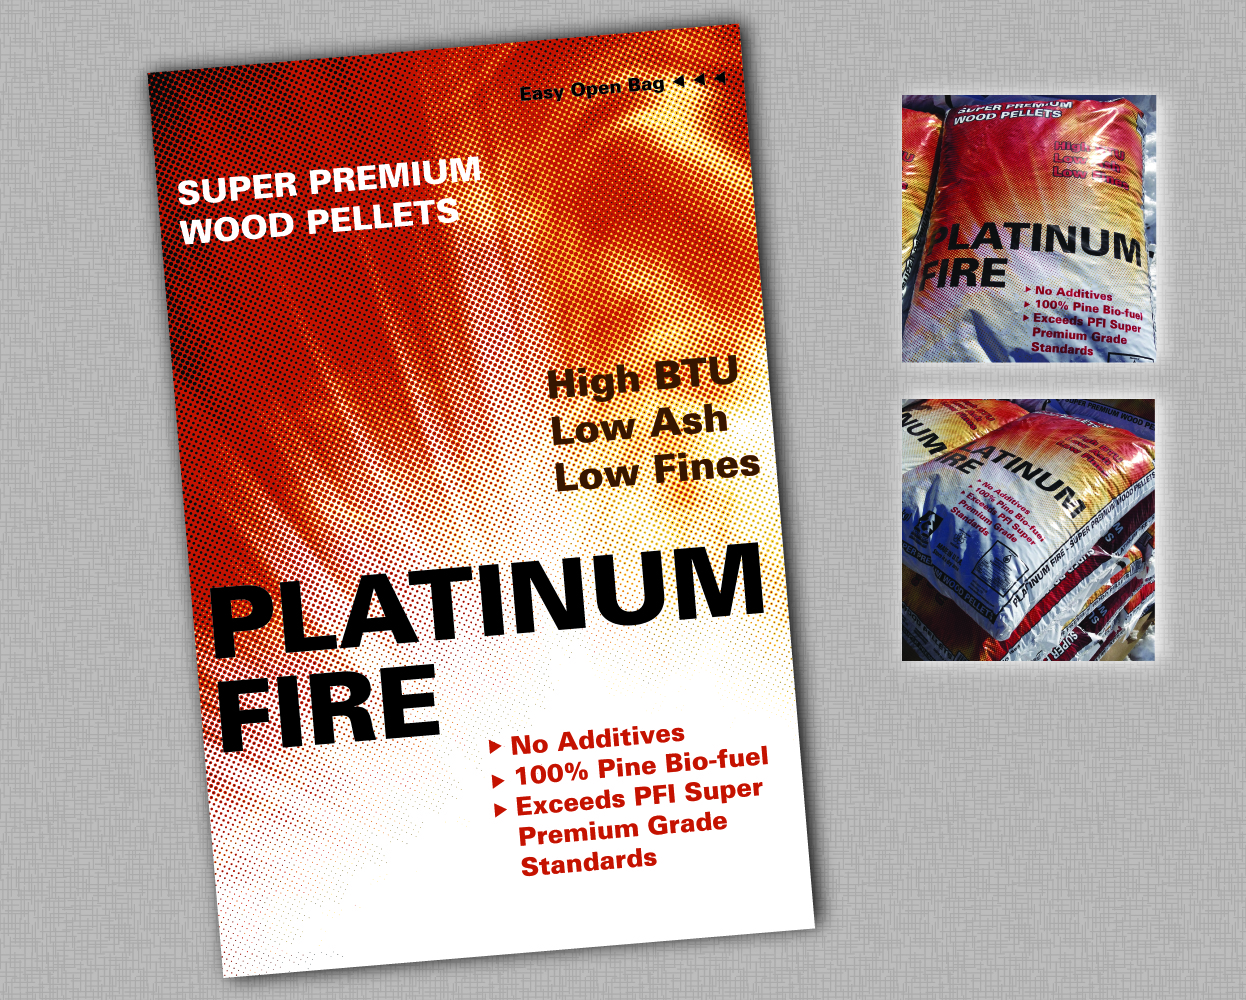 Platinum Fire | Packaging